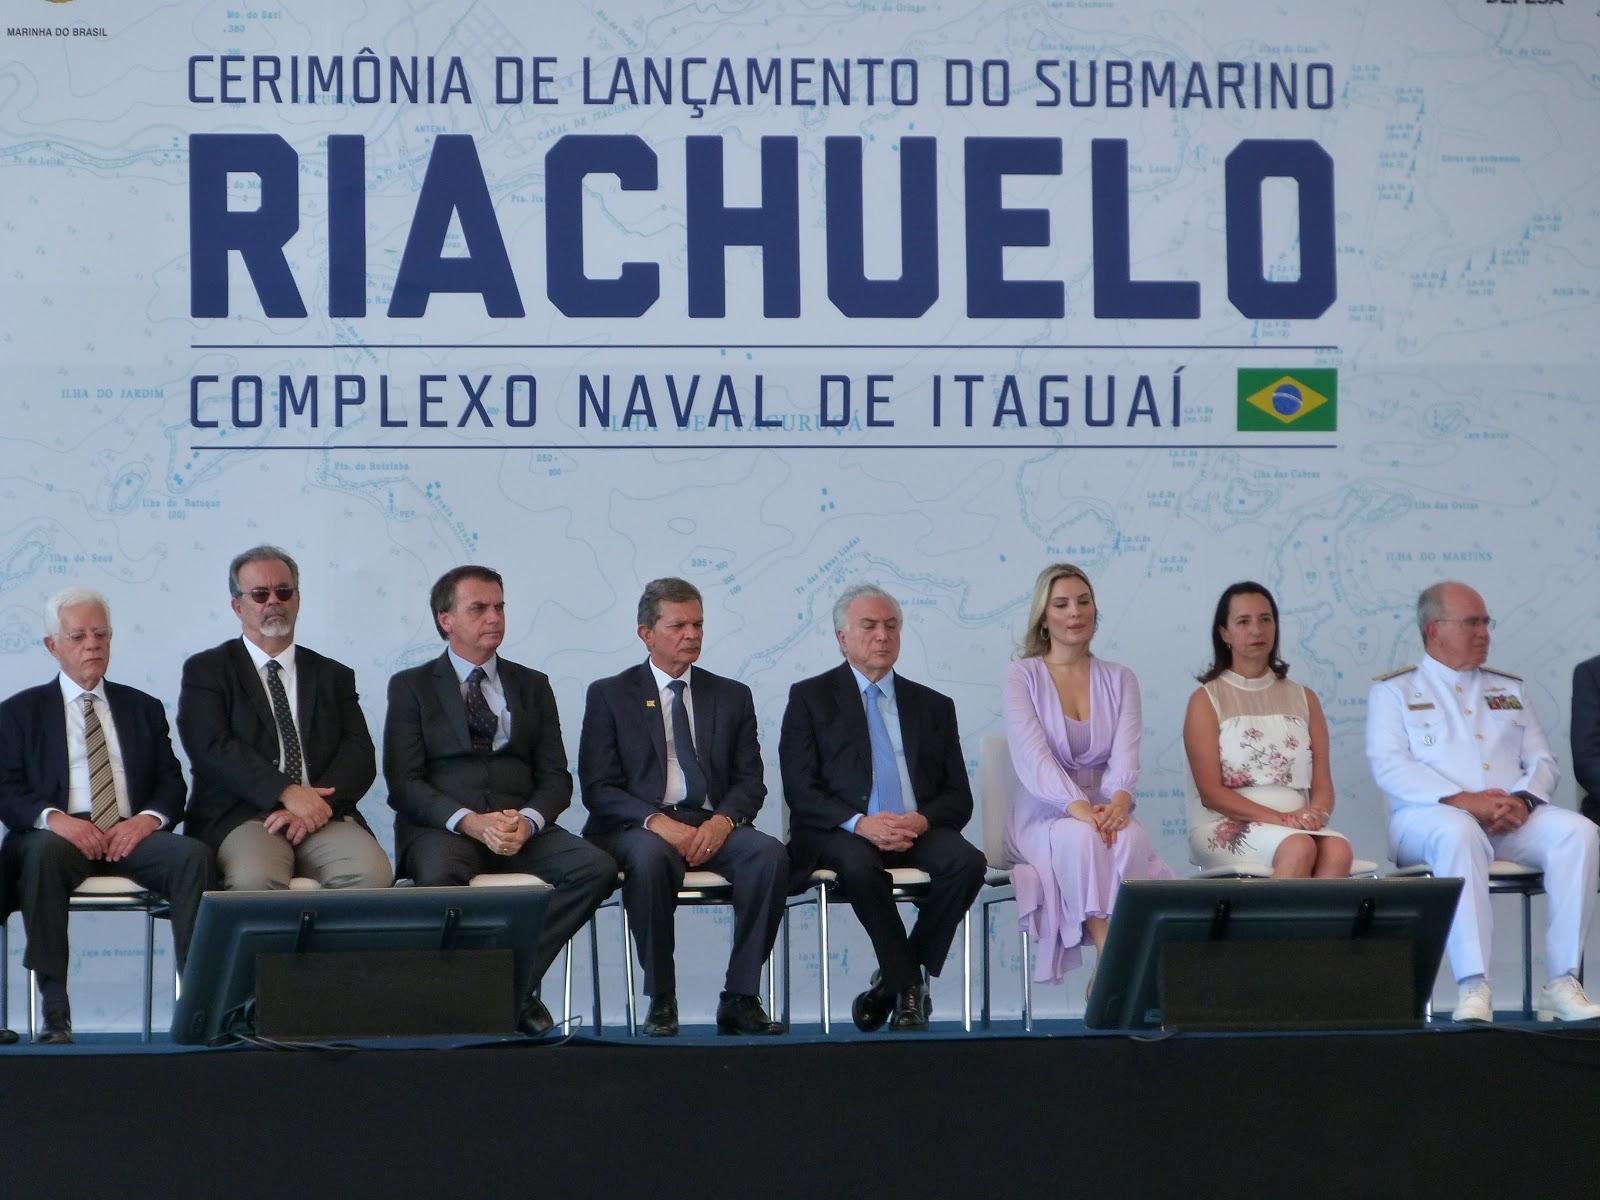 2f25ccc661376 Realmente uma cerimônia grandiosa, reunindo o Presidente em exercício,  Michel Temer e a Primeira-dama ...